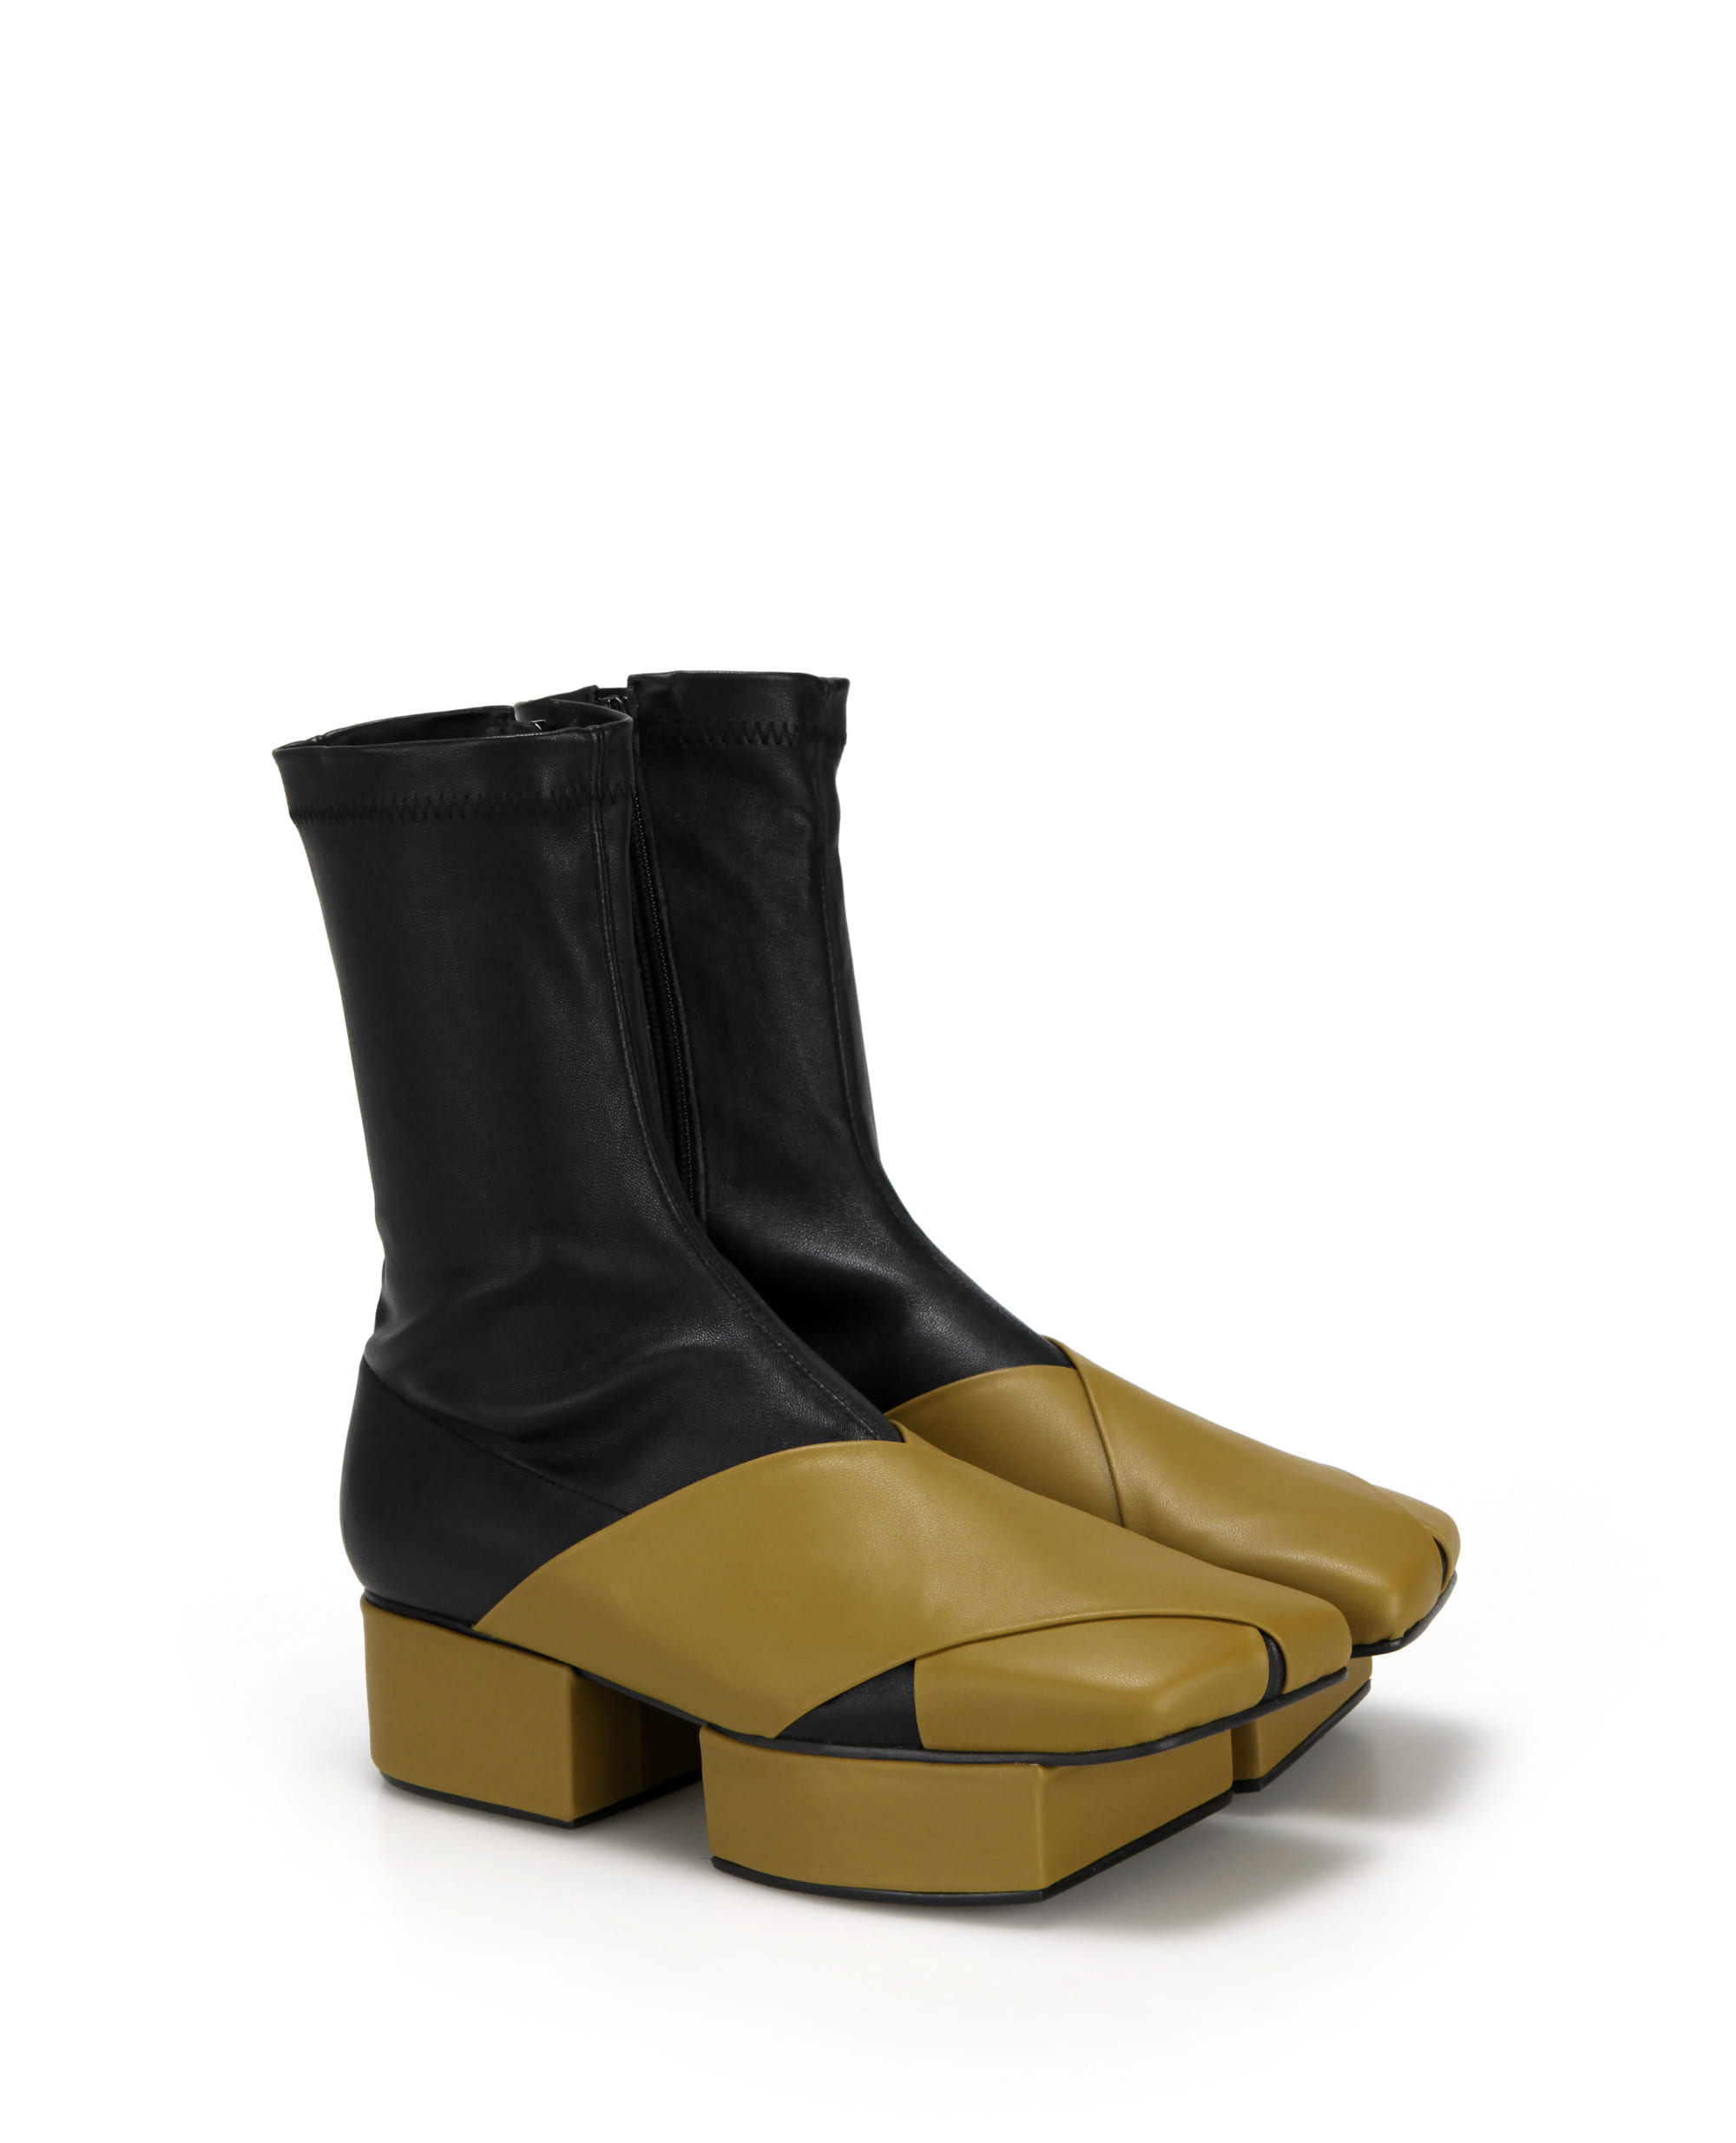 플랫아파트먼트, 부츠, 앵클부츠, 삭스부츠, 슈즈, 신발, 구두, 통굽신발, 플랫폼슈즈, flatapartment, flat apartment, boots, ankle boots, ankleboots,  sock boots, shoes, Seoul fashion, k fashion, flat apartment shoes, platforms, platform shoes